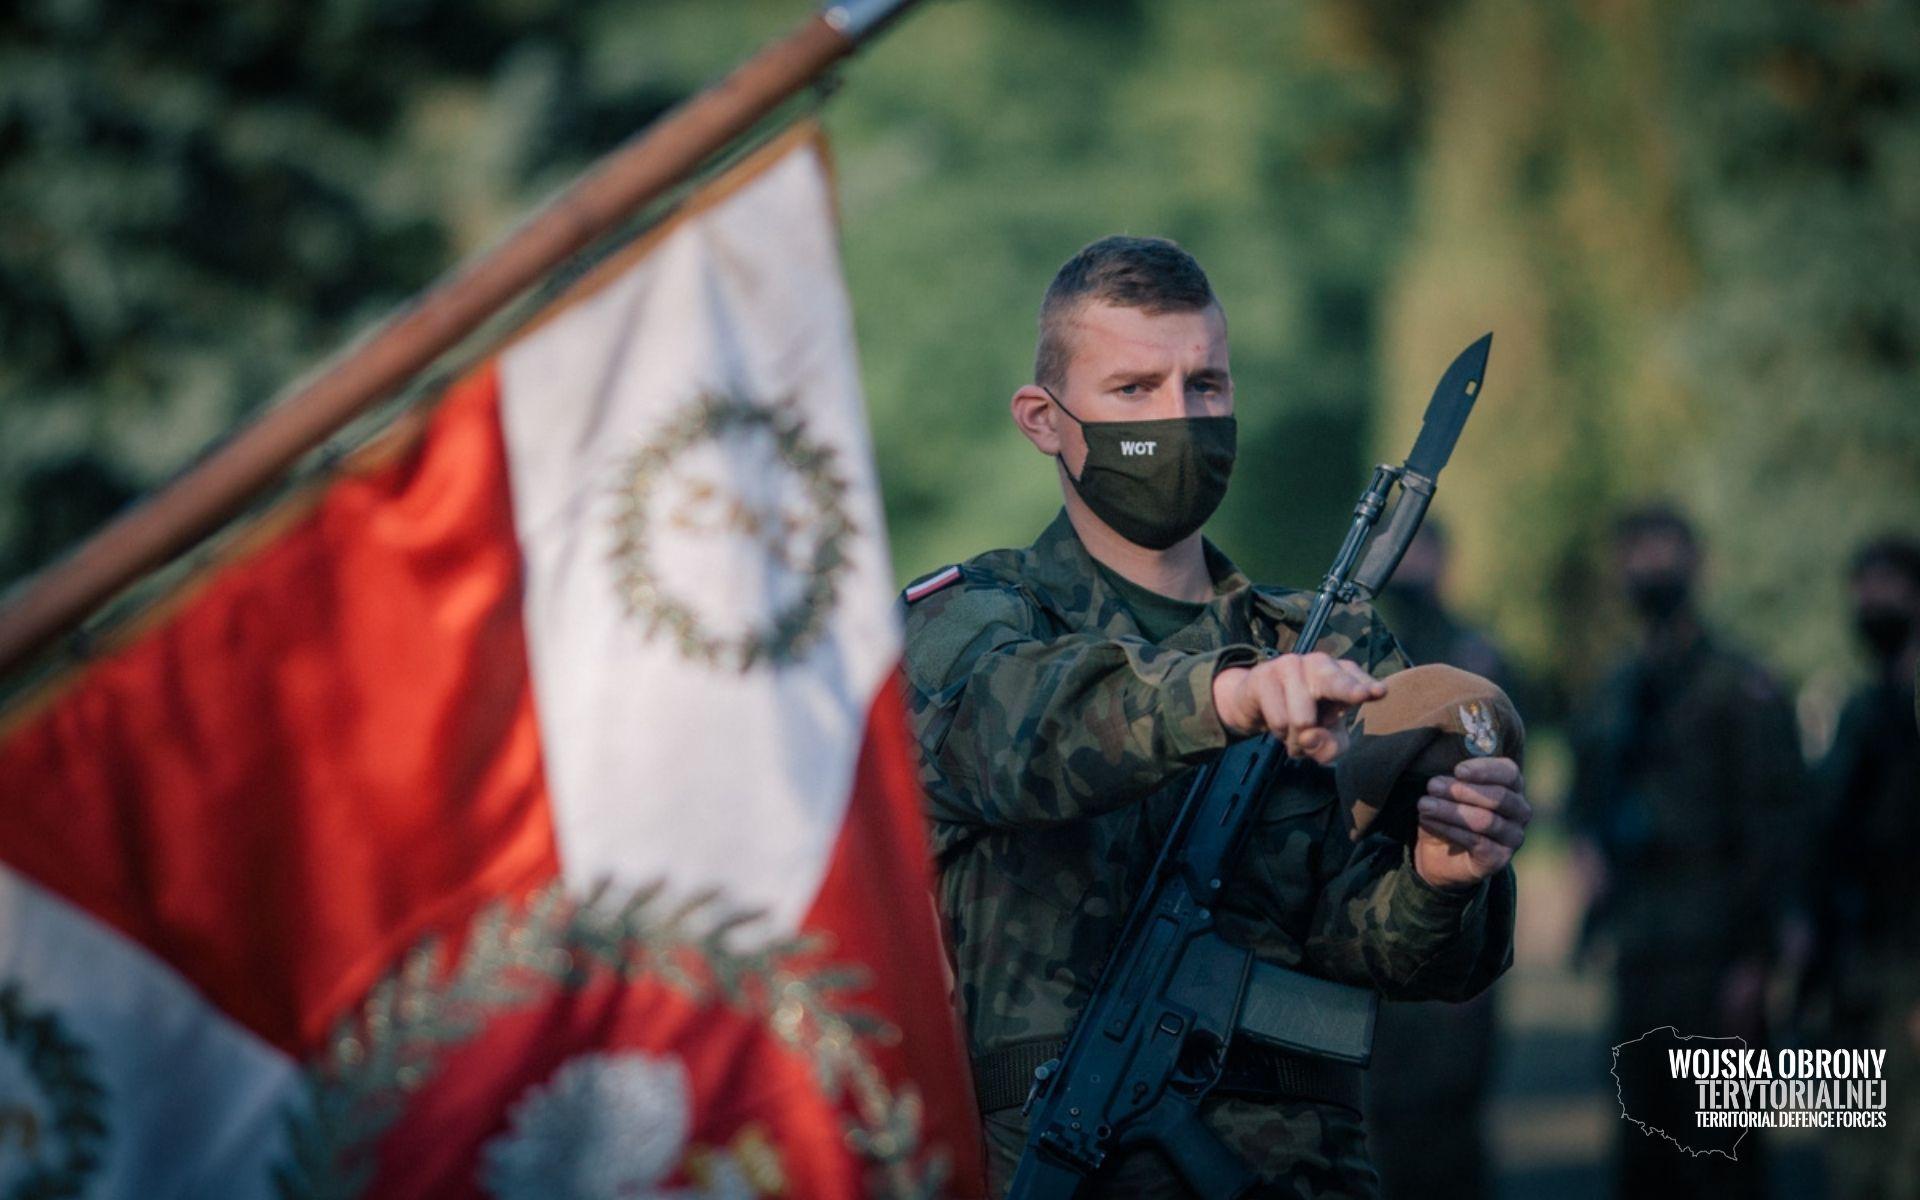 Lubelscy terytorialsi szukają ochotników do służby wojskowej - Zdjęcie główne